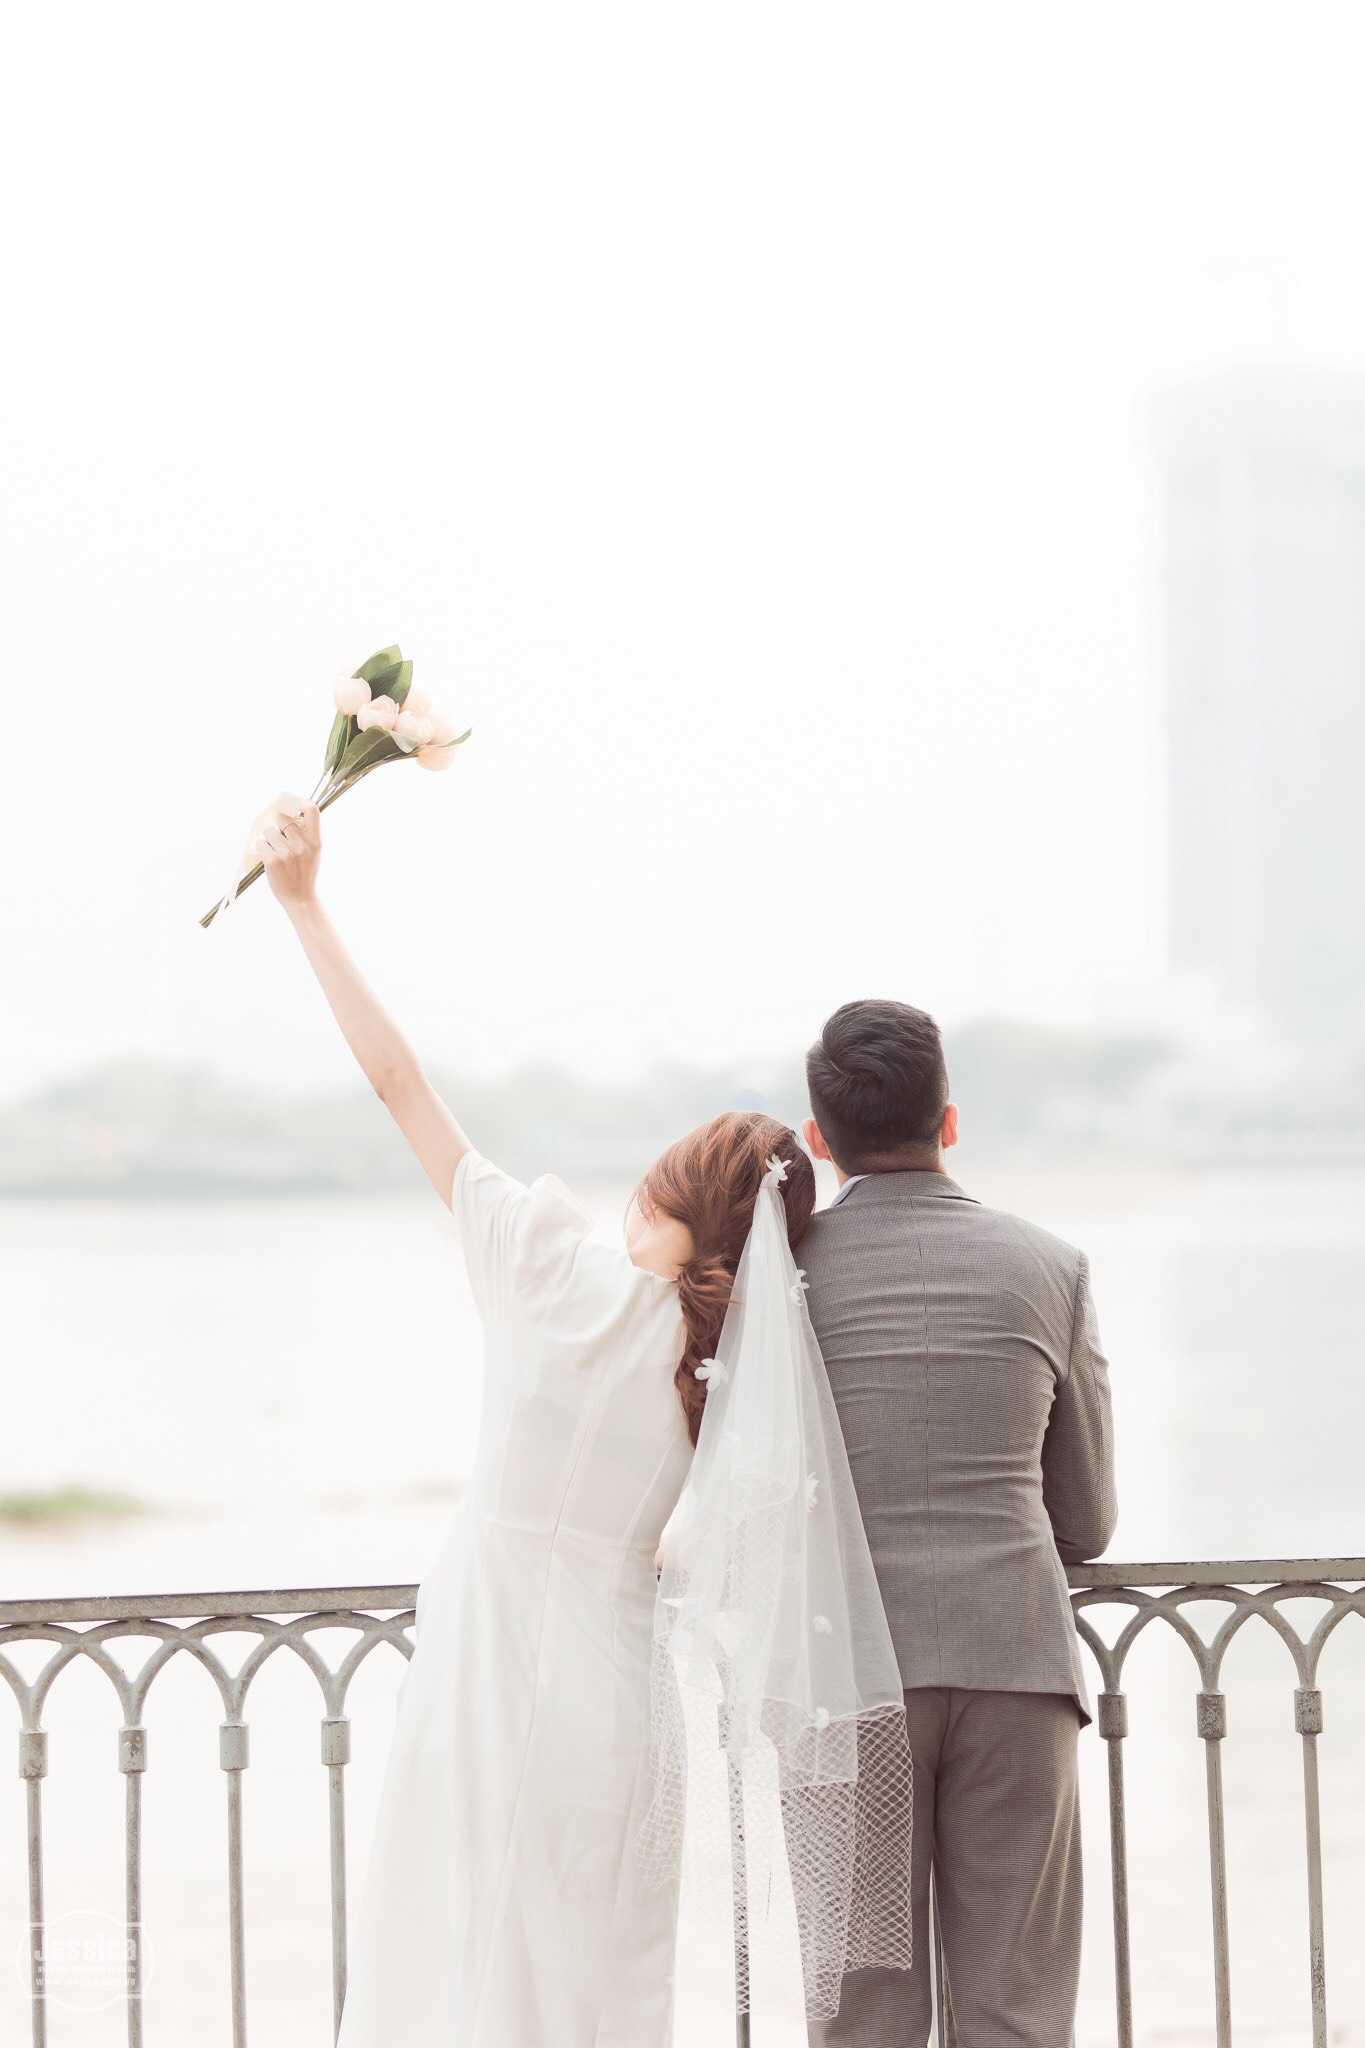 chụp hình cưới ở Sài Gòn